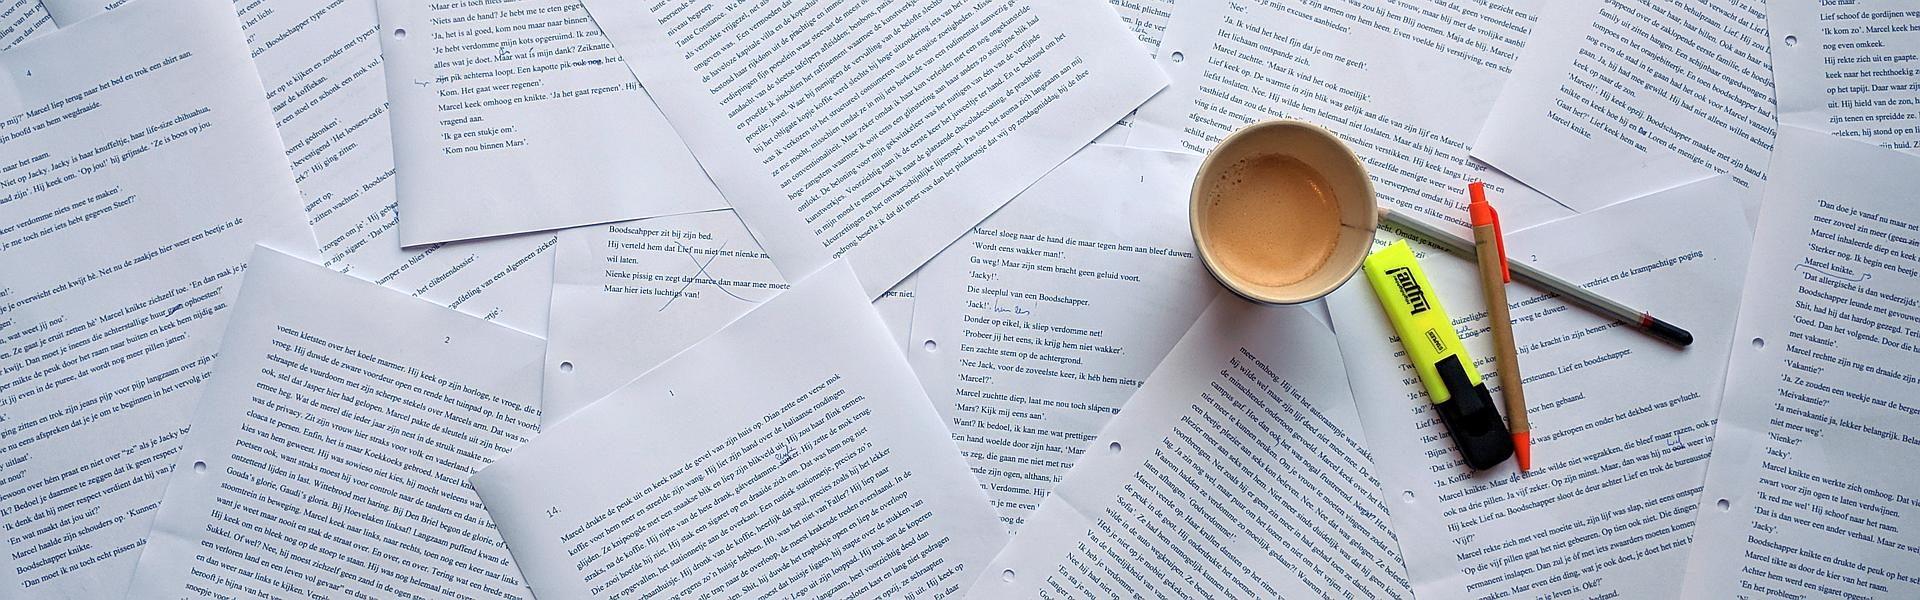 Manusscript met een kopje koffie - Marcel van Paul de Vries